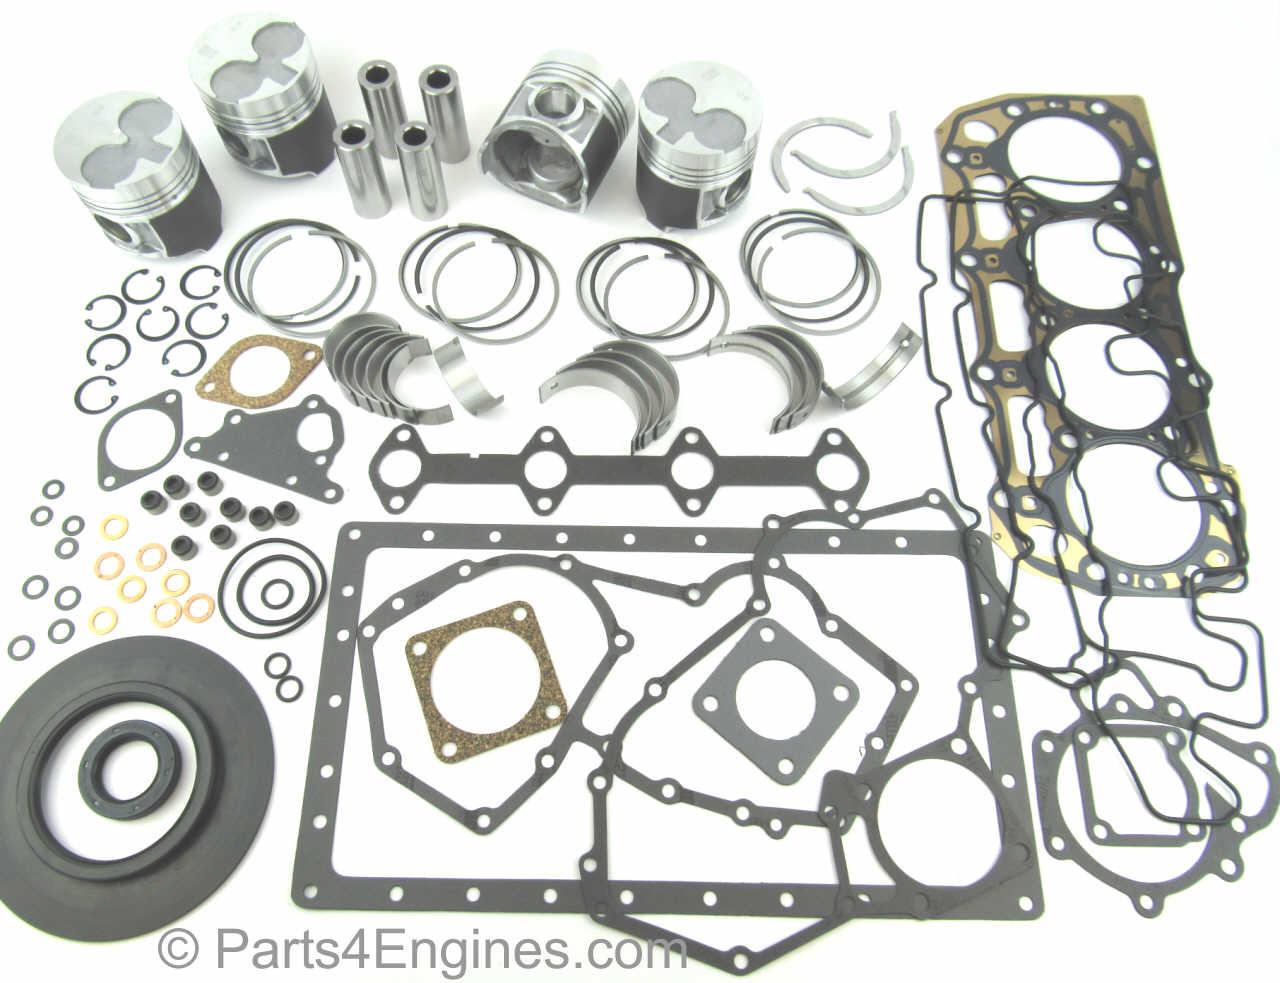 Perkins 400 series 404C-22 Engine overhaul kit